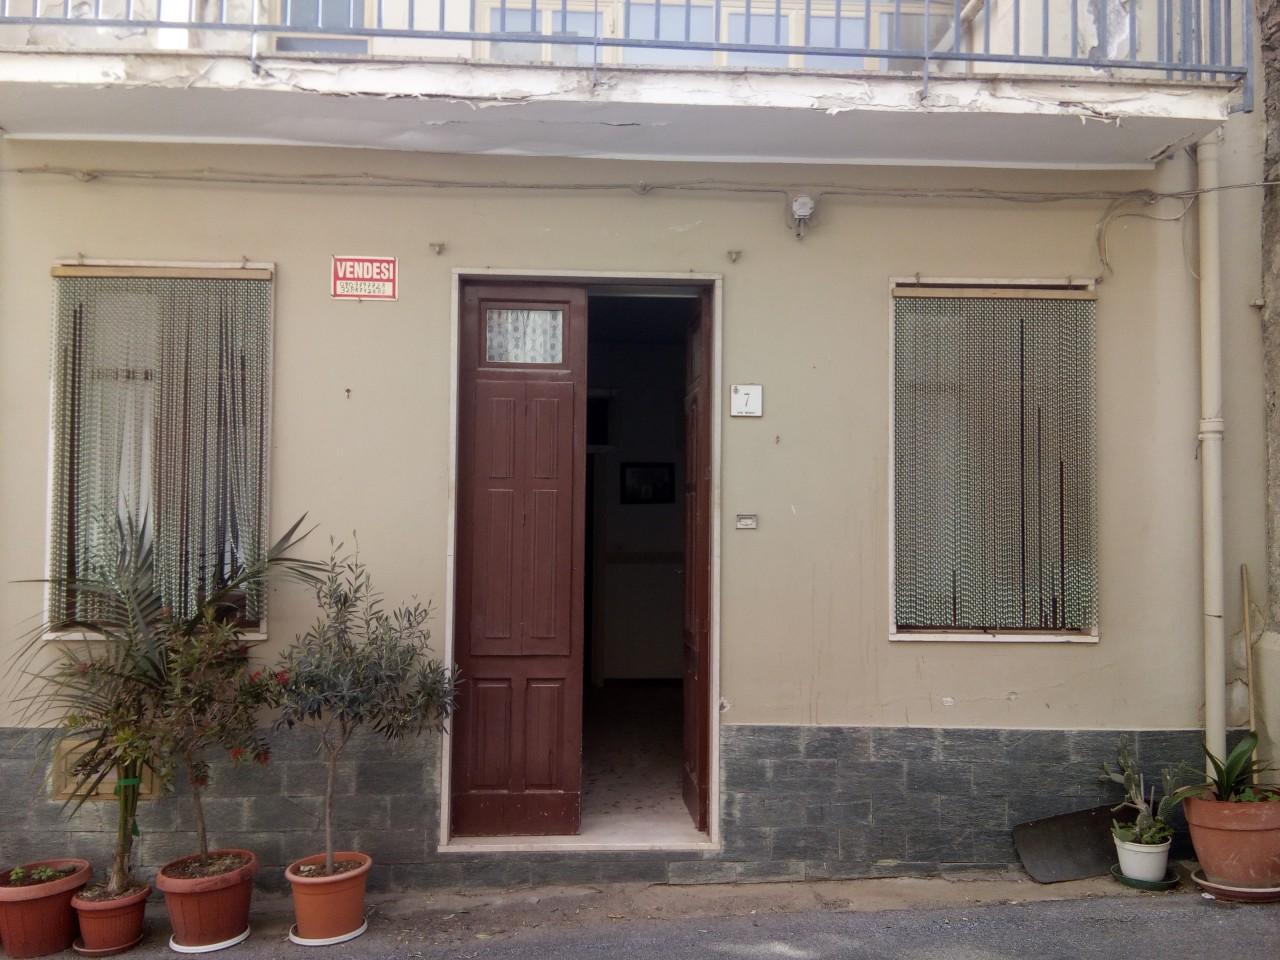 Rif gci009 meri 39 casa indipendente su due livelli for Aggiunte a casa su due livelli